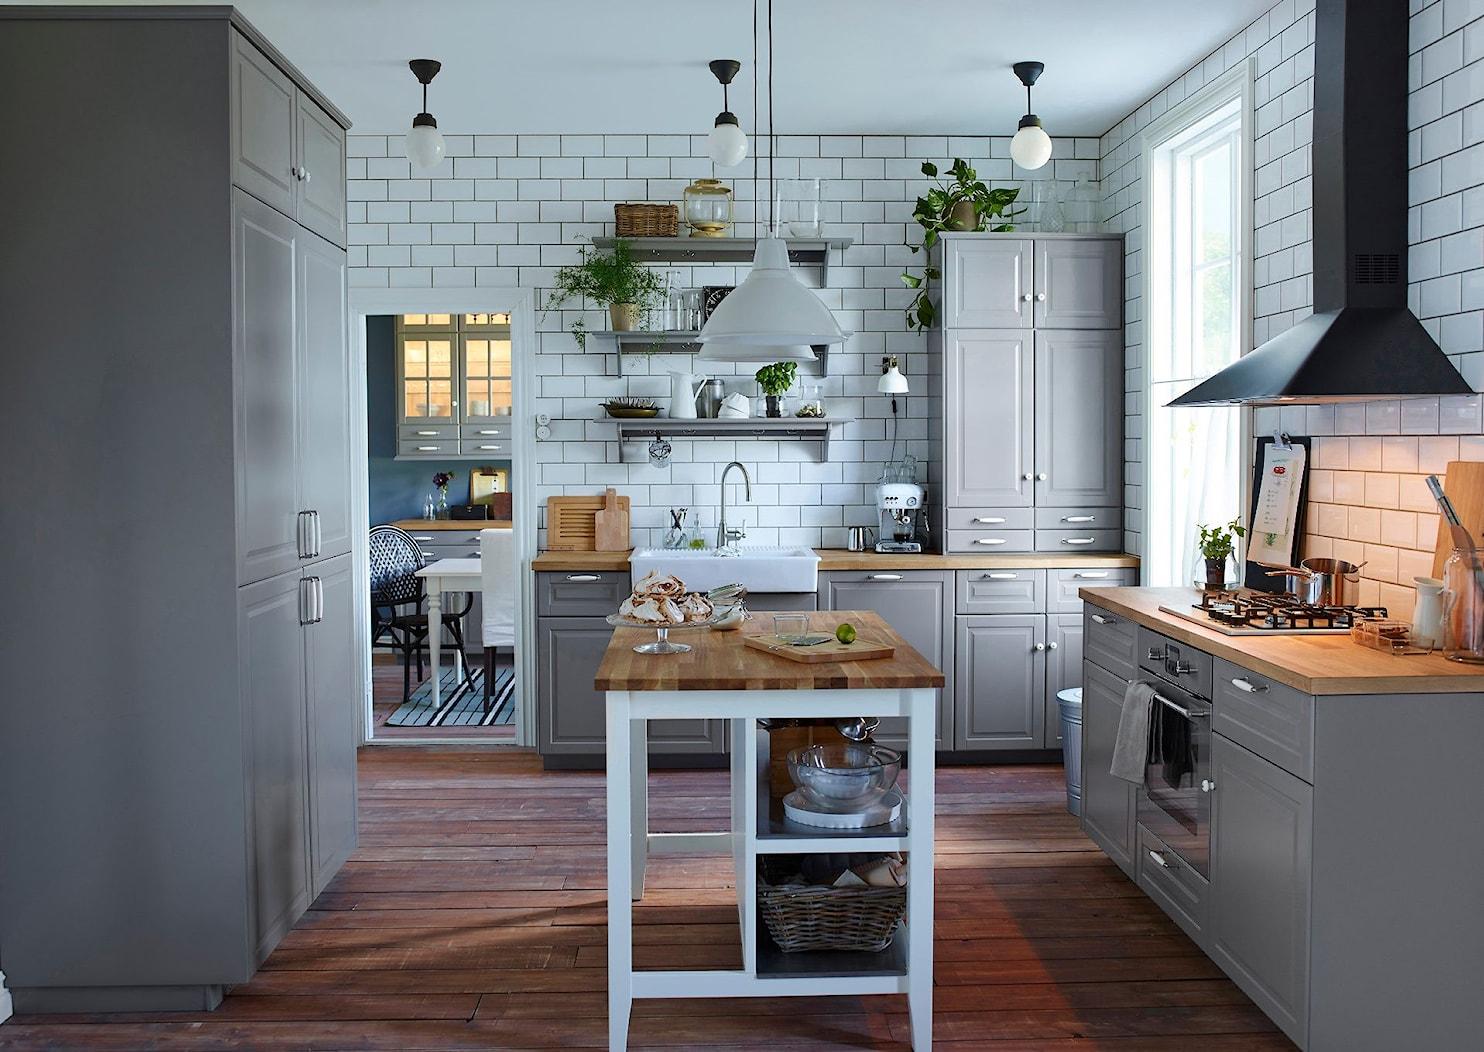 Kuchnia IKEA - Duża otwarta biała kuchnia w kształcie litery u z wyspą, styl vintage - zdjęcie od IKEA - Homebook